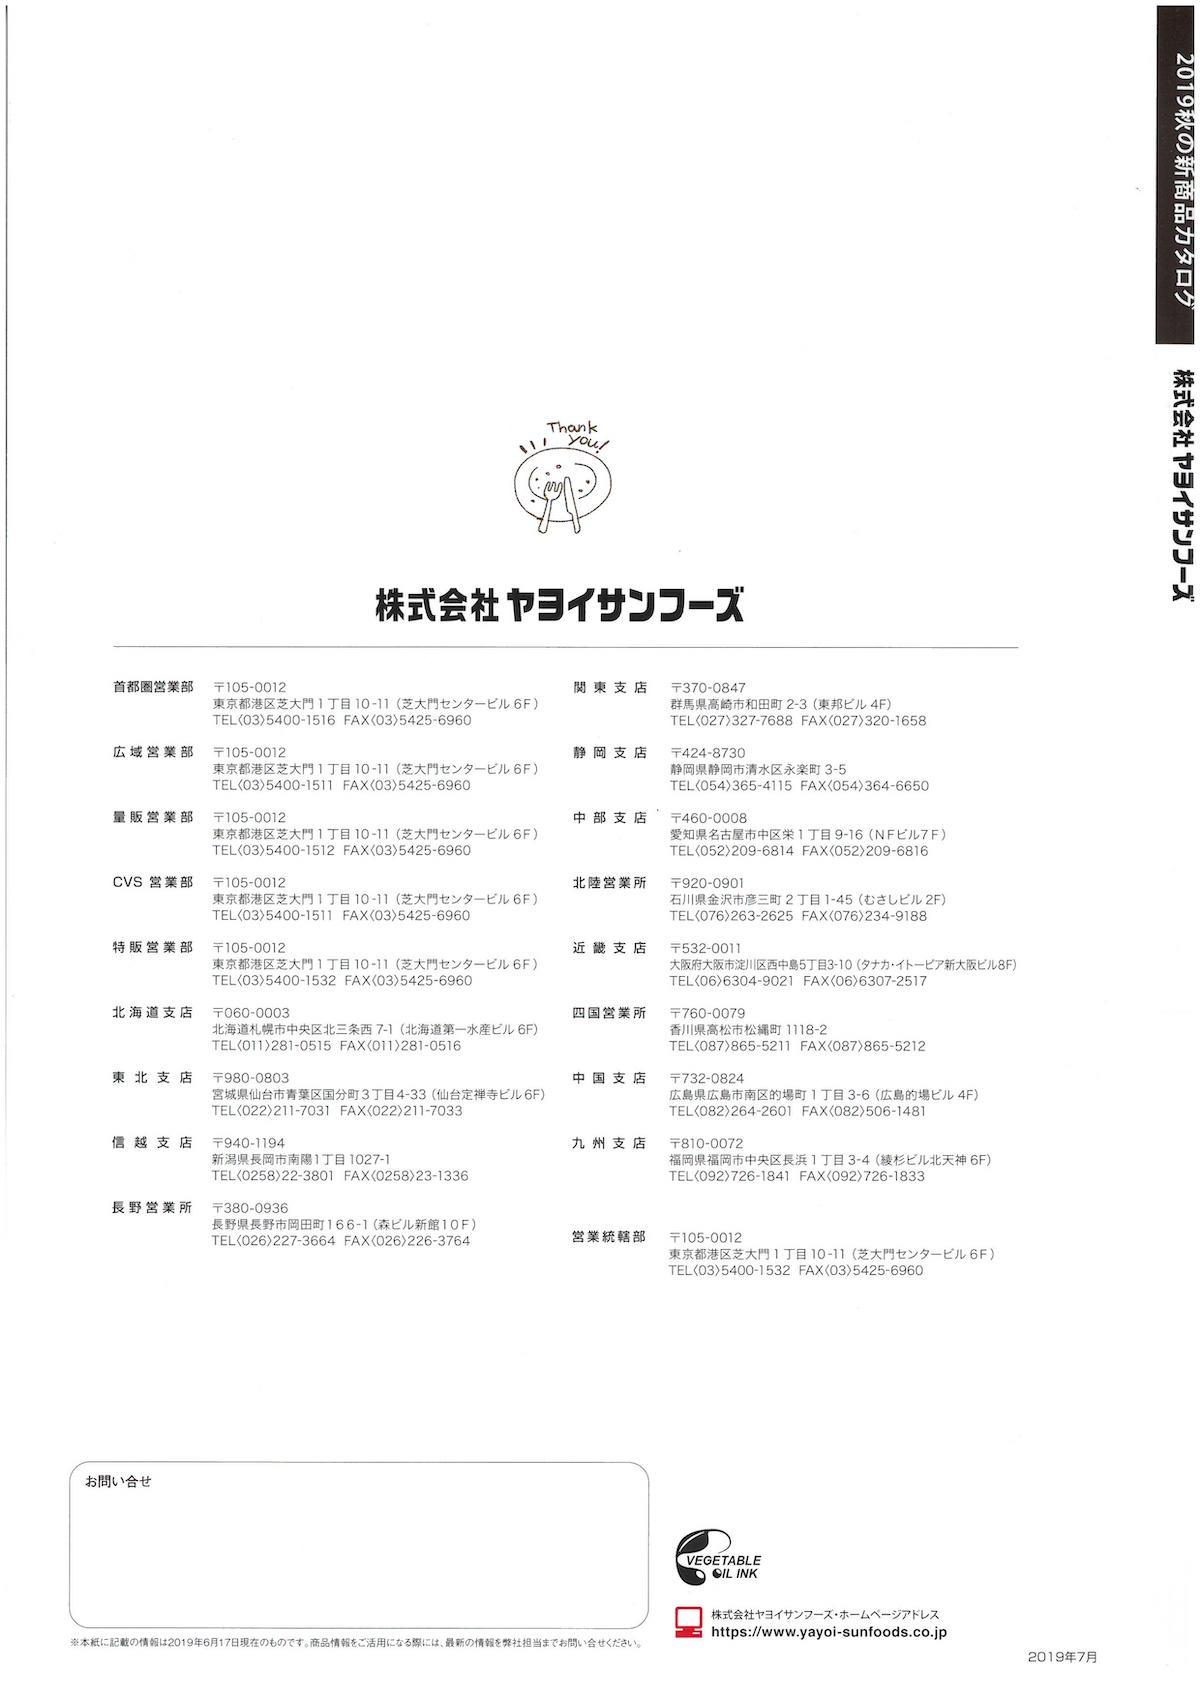 ヤヨイサンフーズ 2019秋の新商品